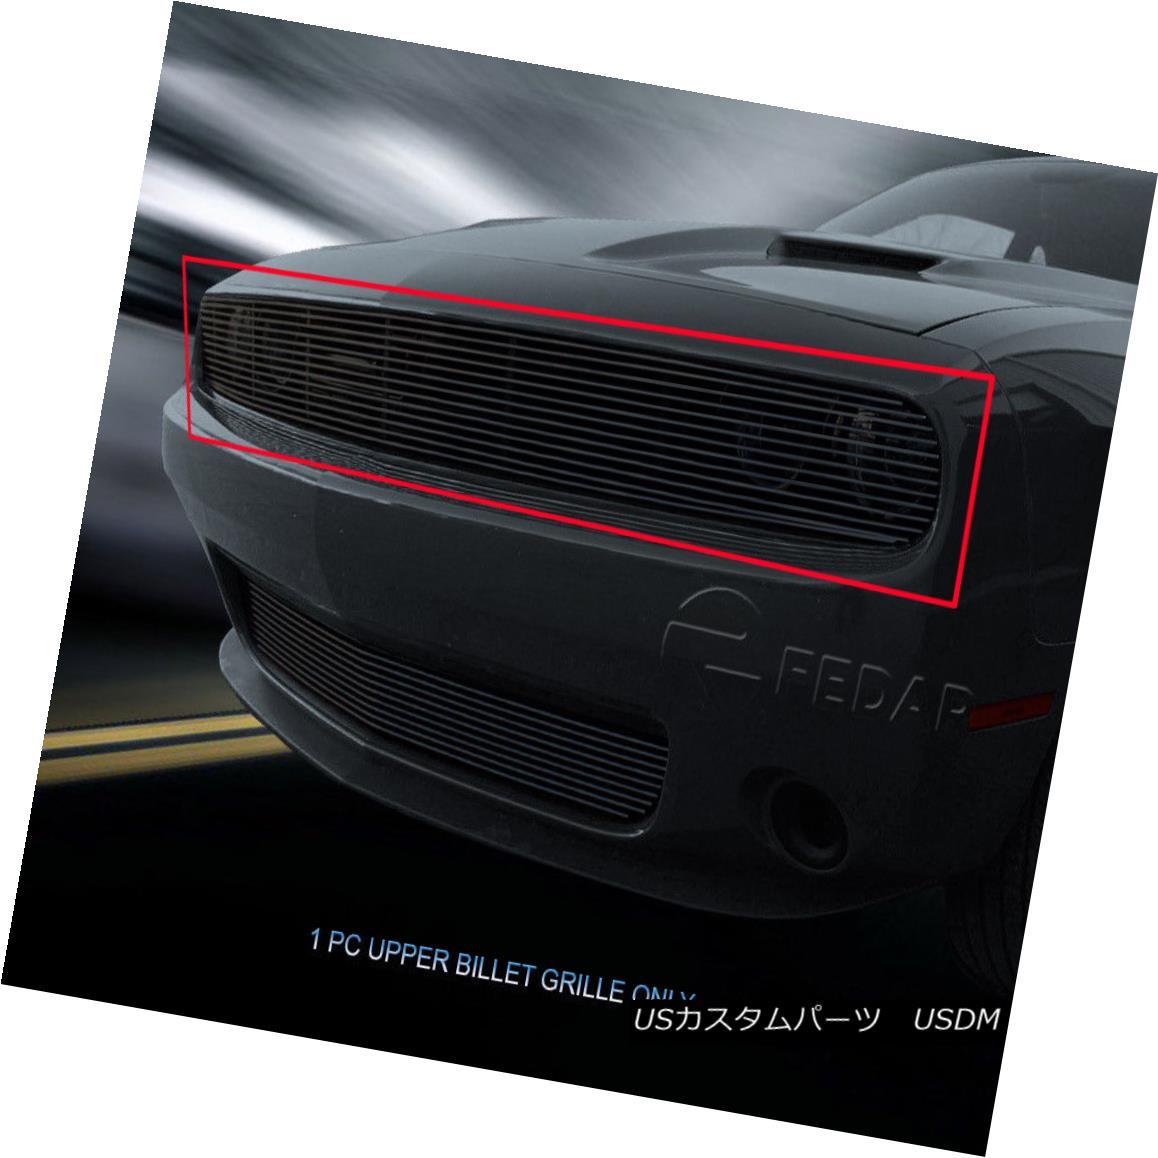 グリル For 2015-2017 Dodge Challenger Black Billet Grille Main Upper Grill Insert Fedar 2015-2017年ドッジチャレンジャーブラックビレットグリルメインアッパーグリルインサートフェルダー